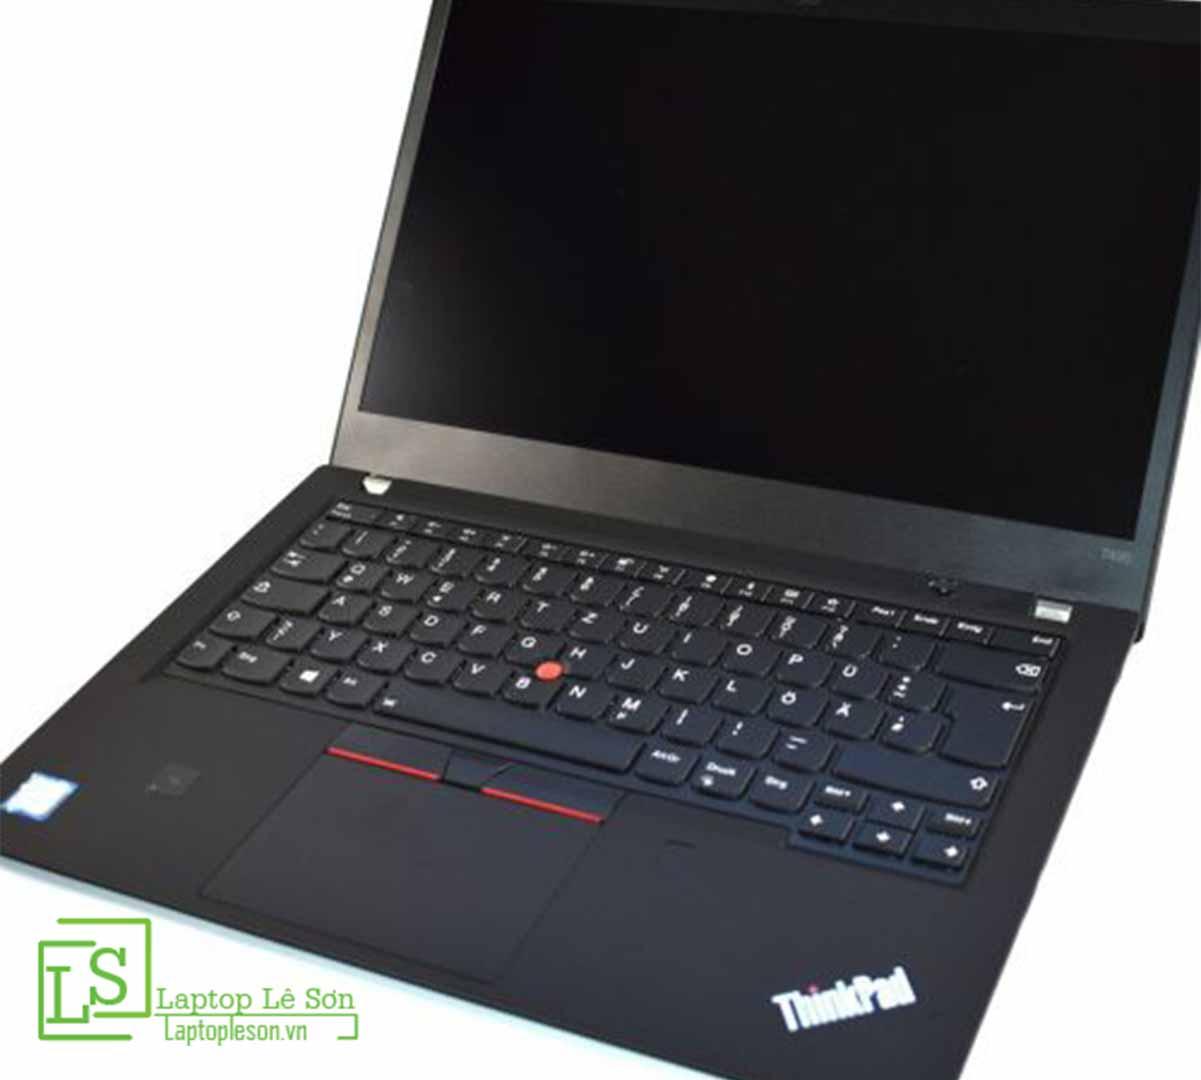 Lenovo ThinkPad T490 Laptop Lê Sơn 03 Laptop Lê Sơn